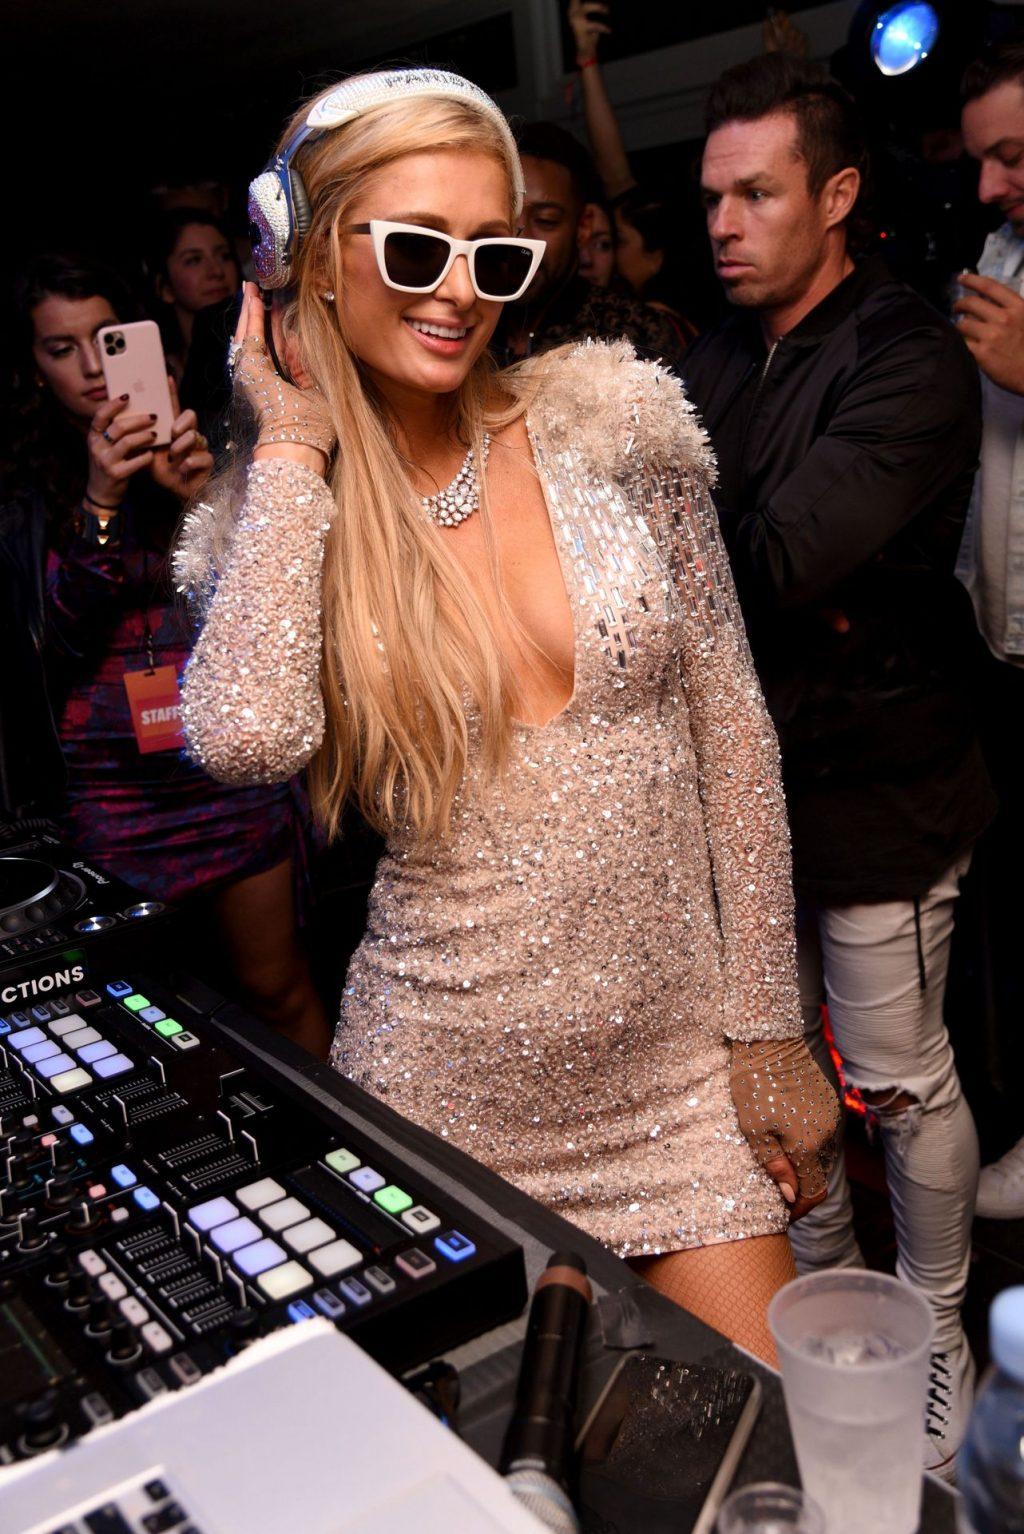 Paris Hilton Enjoys the Rolling Stone Super Bowl LIV Party (94 Photos)